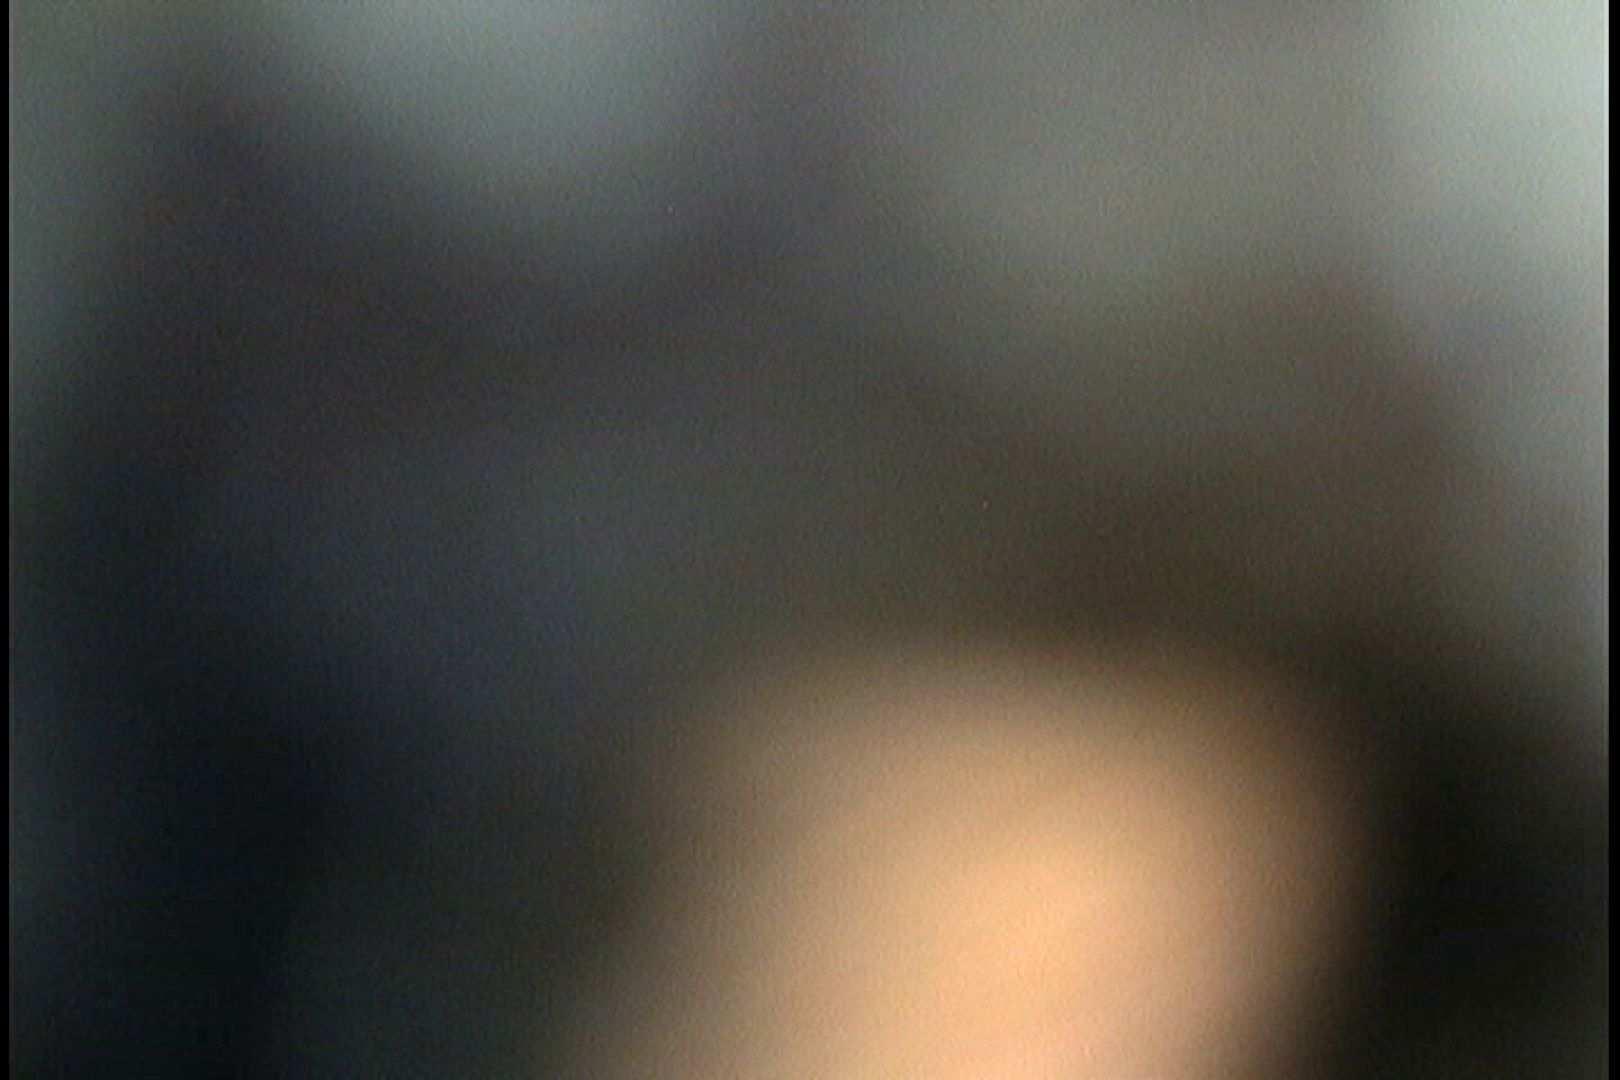 No.41 陰茎から滴り落ちる水滴 細身・スレンダー おまんこ動画流出 86画像 59